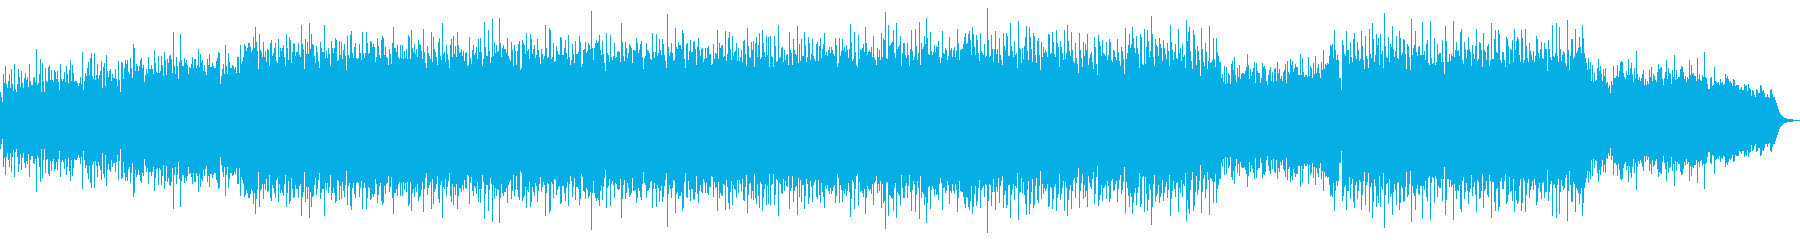 ピアノとストリングスの輝かしいポップスの再生済みの波形